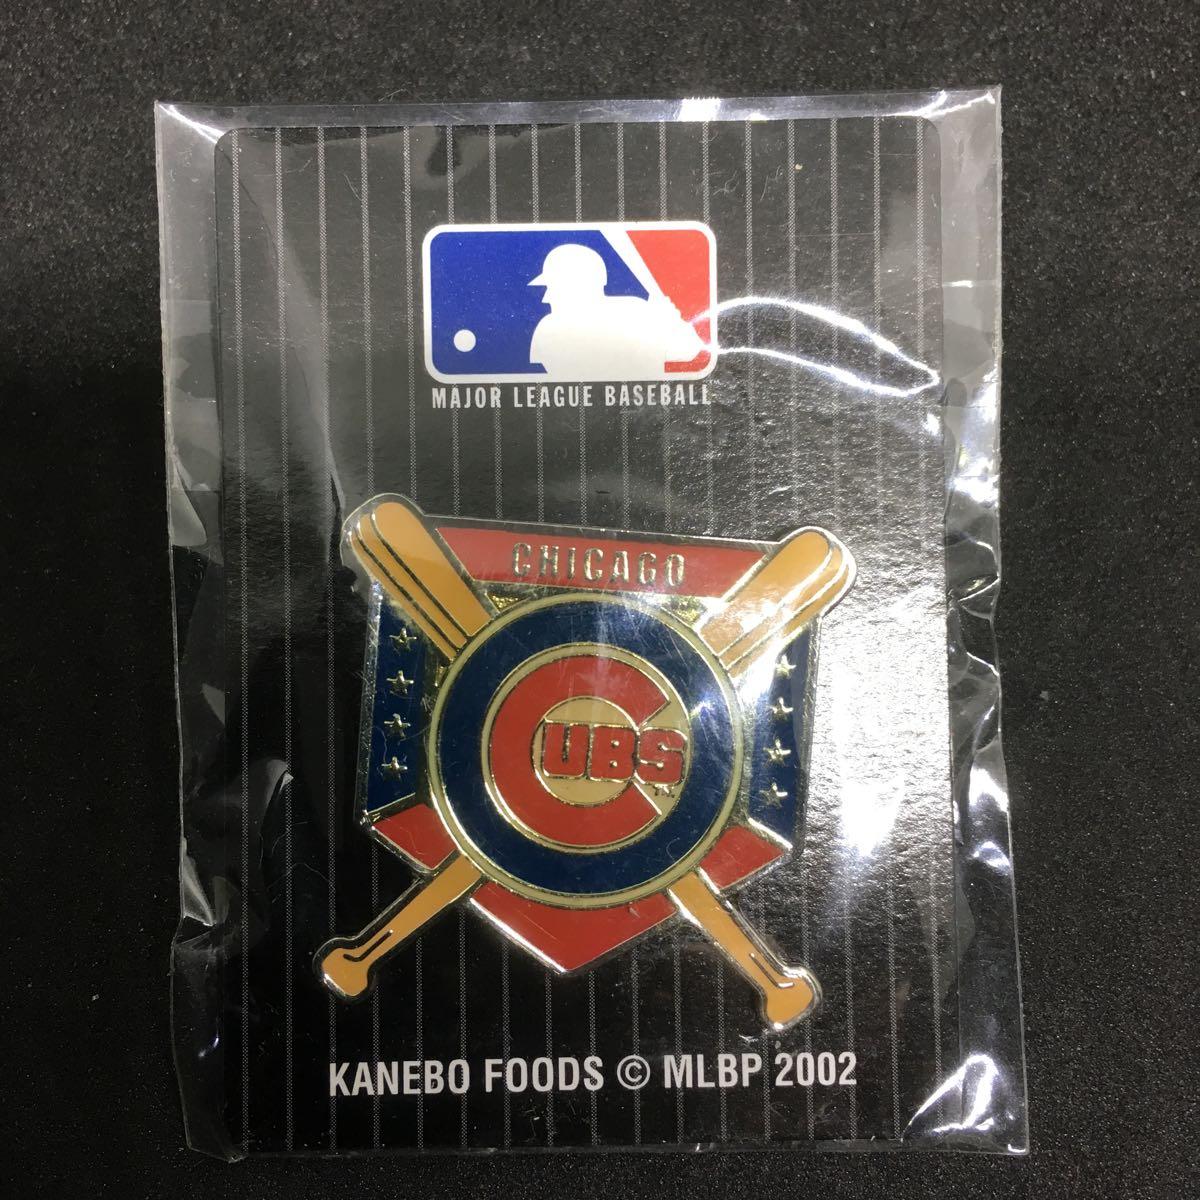 MLB 2002 メジャーリーグ ベースボール シカゴ カブス ロゴ ピンバッチ 未開封_画像1